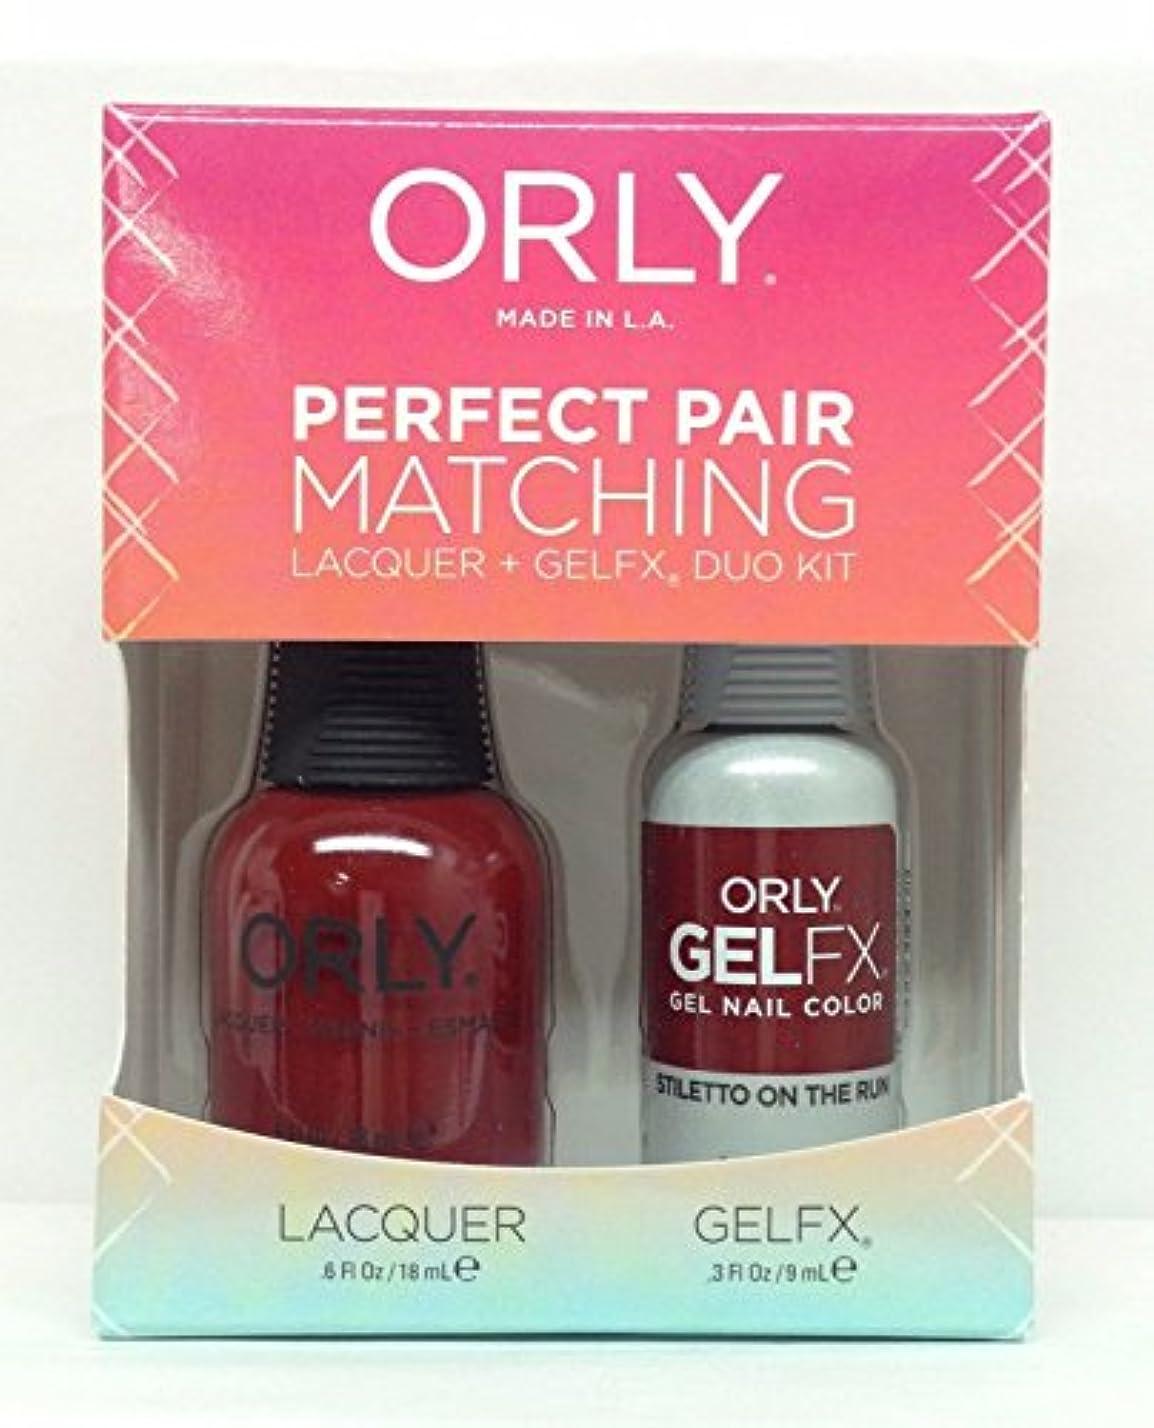 動員する興奮パニックOrly Lacquer + Gel FX - Perfect Pair Matching DUO Kit - Stiletto On The Run